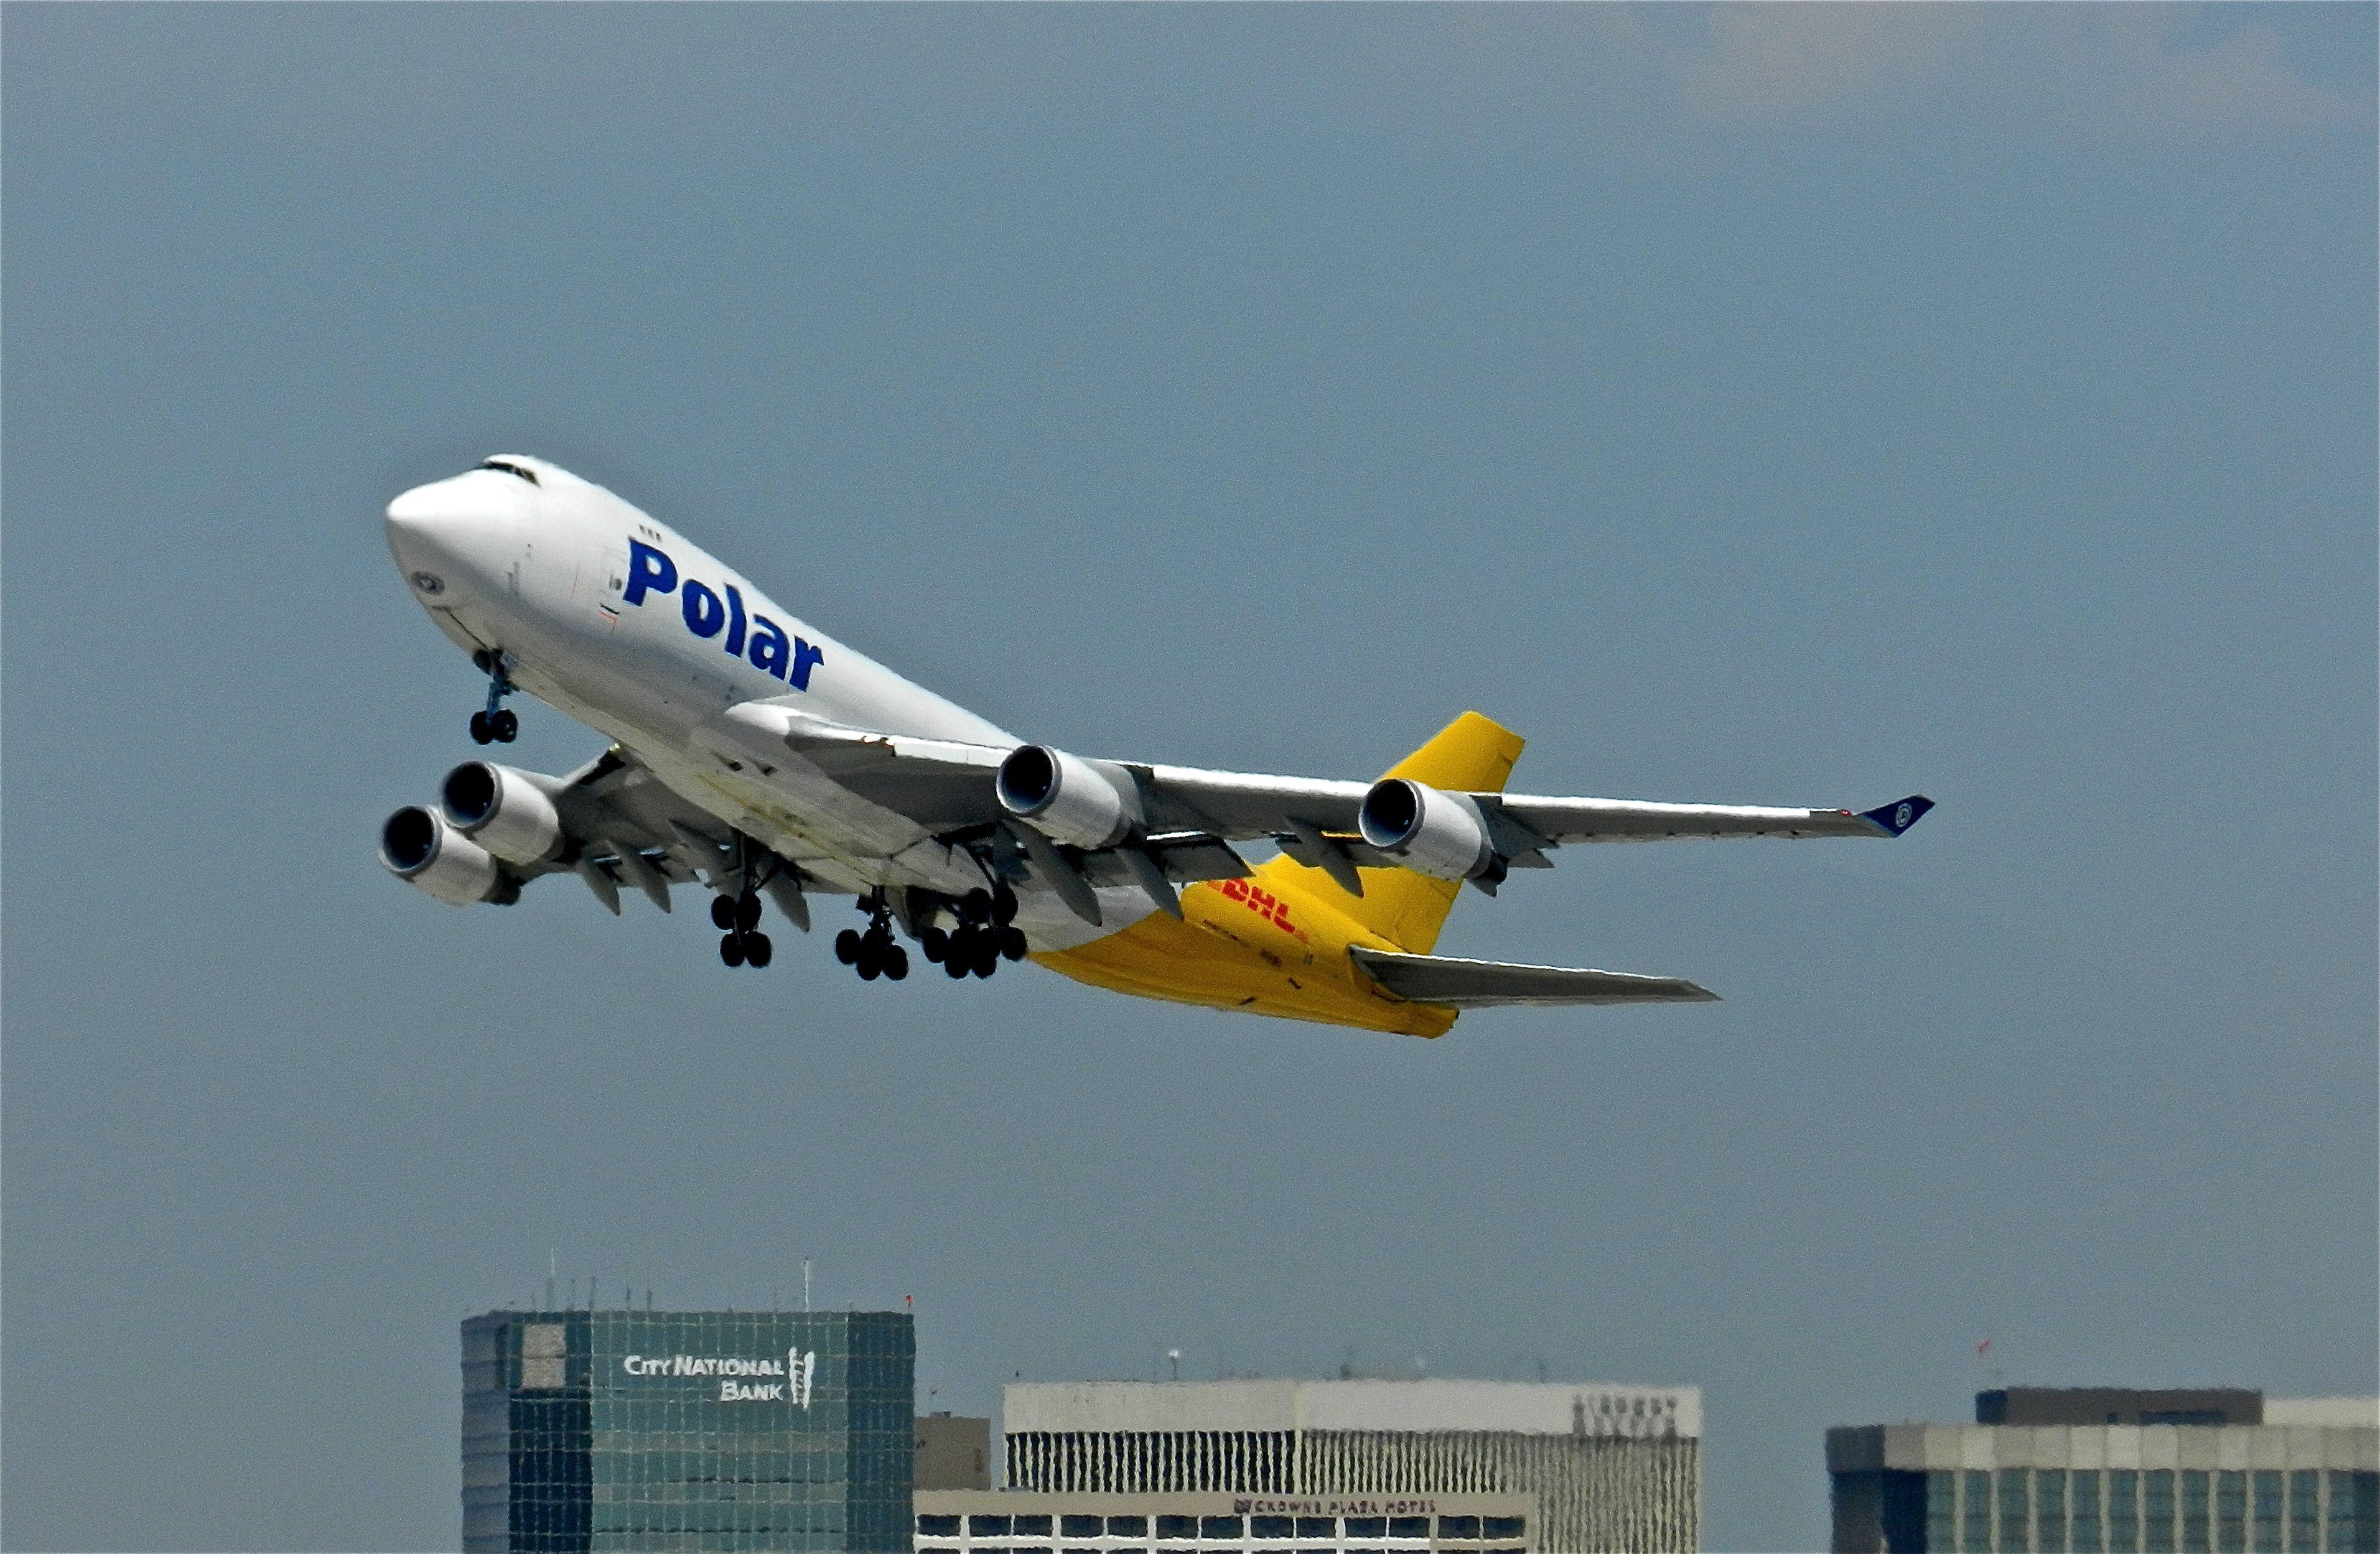 Polar Air Cargo DHL B 747 400 Cargo at LAX Air cargo